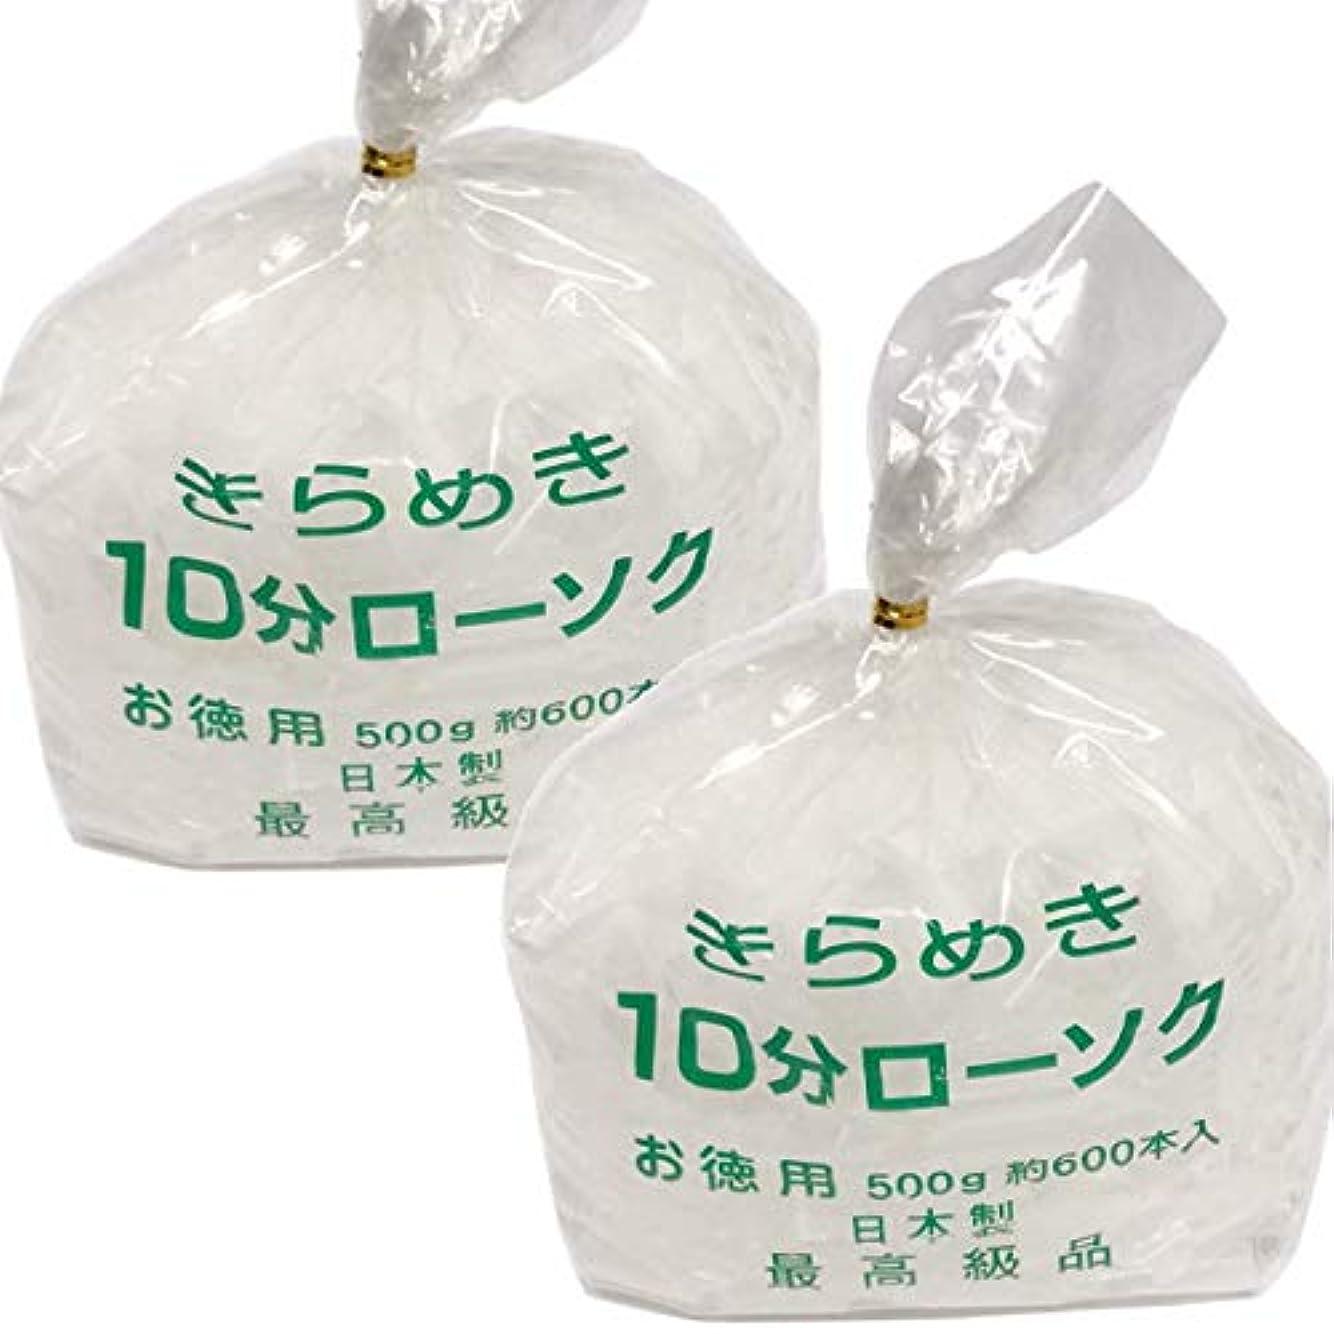 嘆く決めます眉東亜ローソク ミニロウソク きらめき お徳用袋入 5分?10分 (10分ローソク2袋)